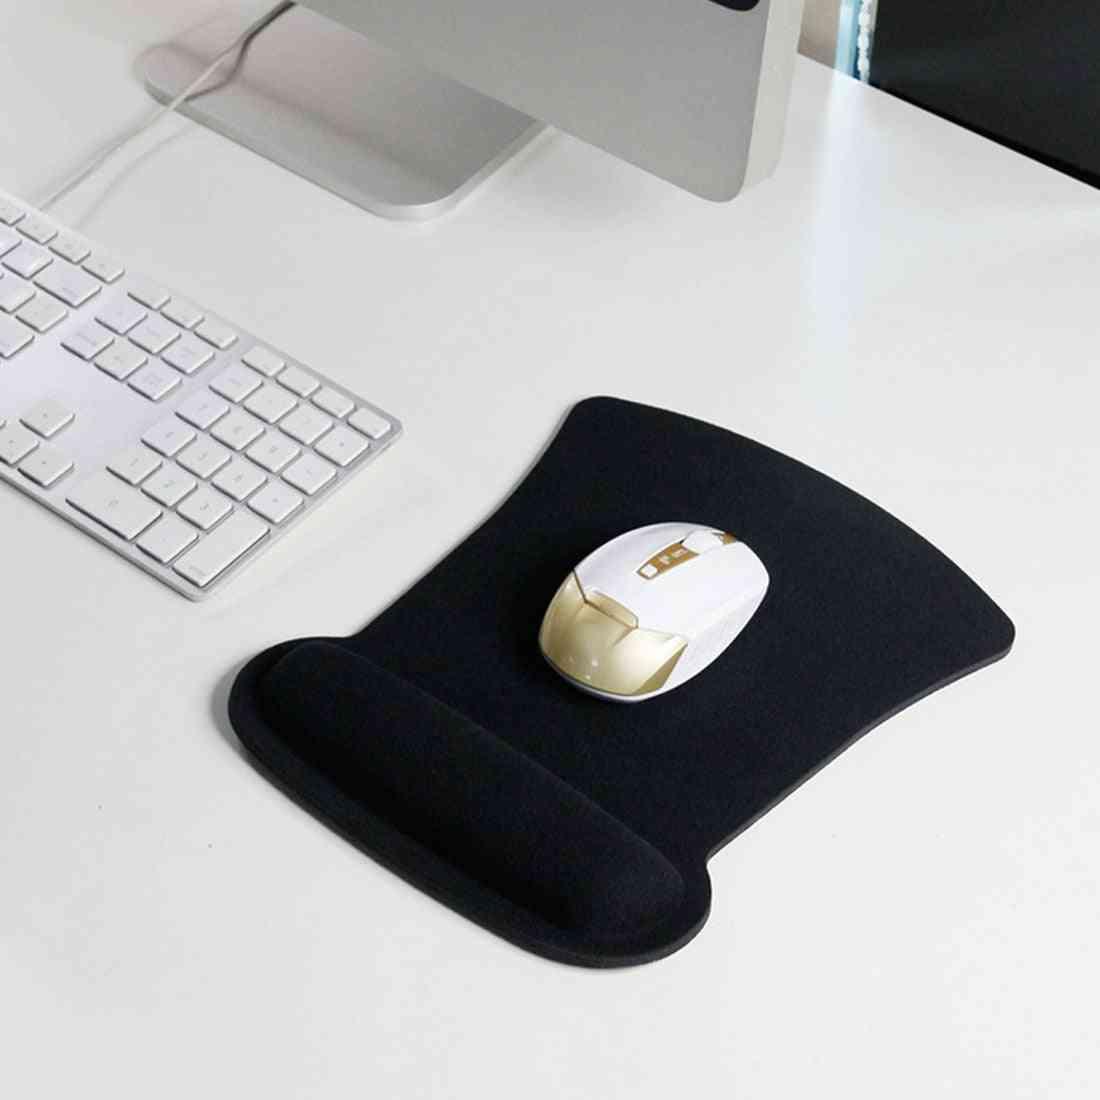 Soft Sponge Wrist Rest Mouse Pad